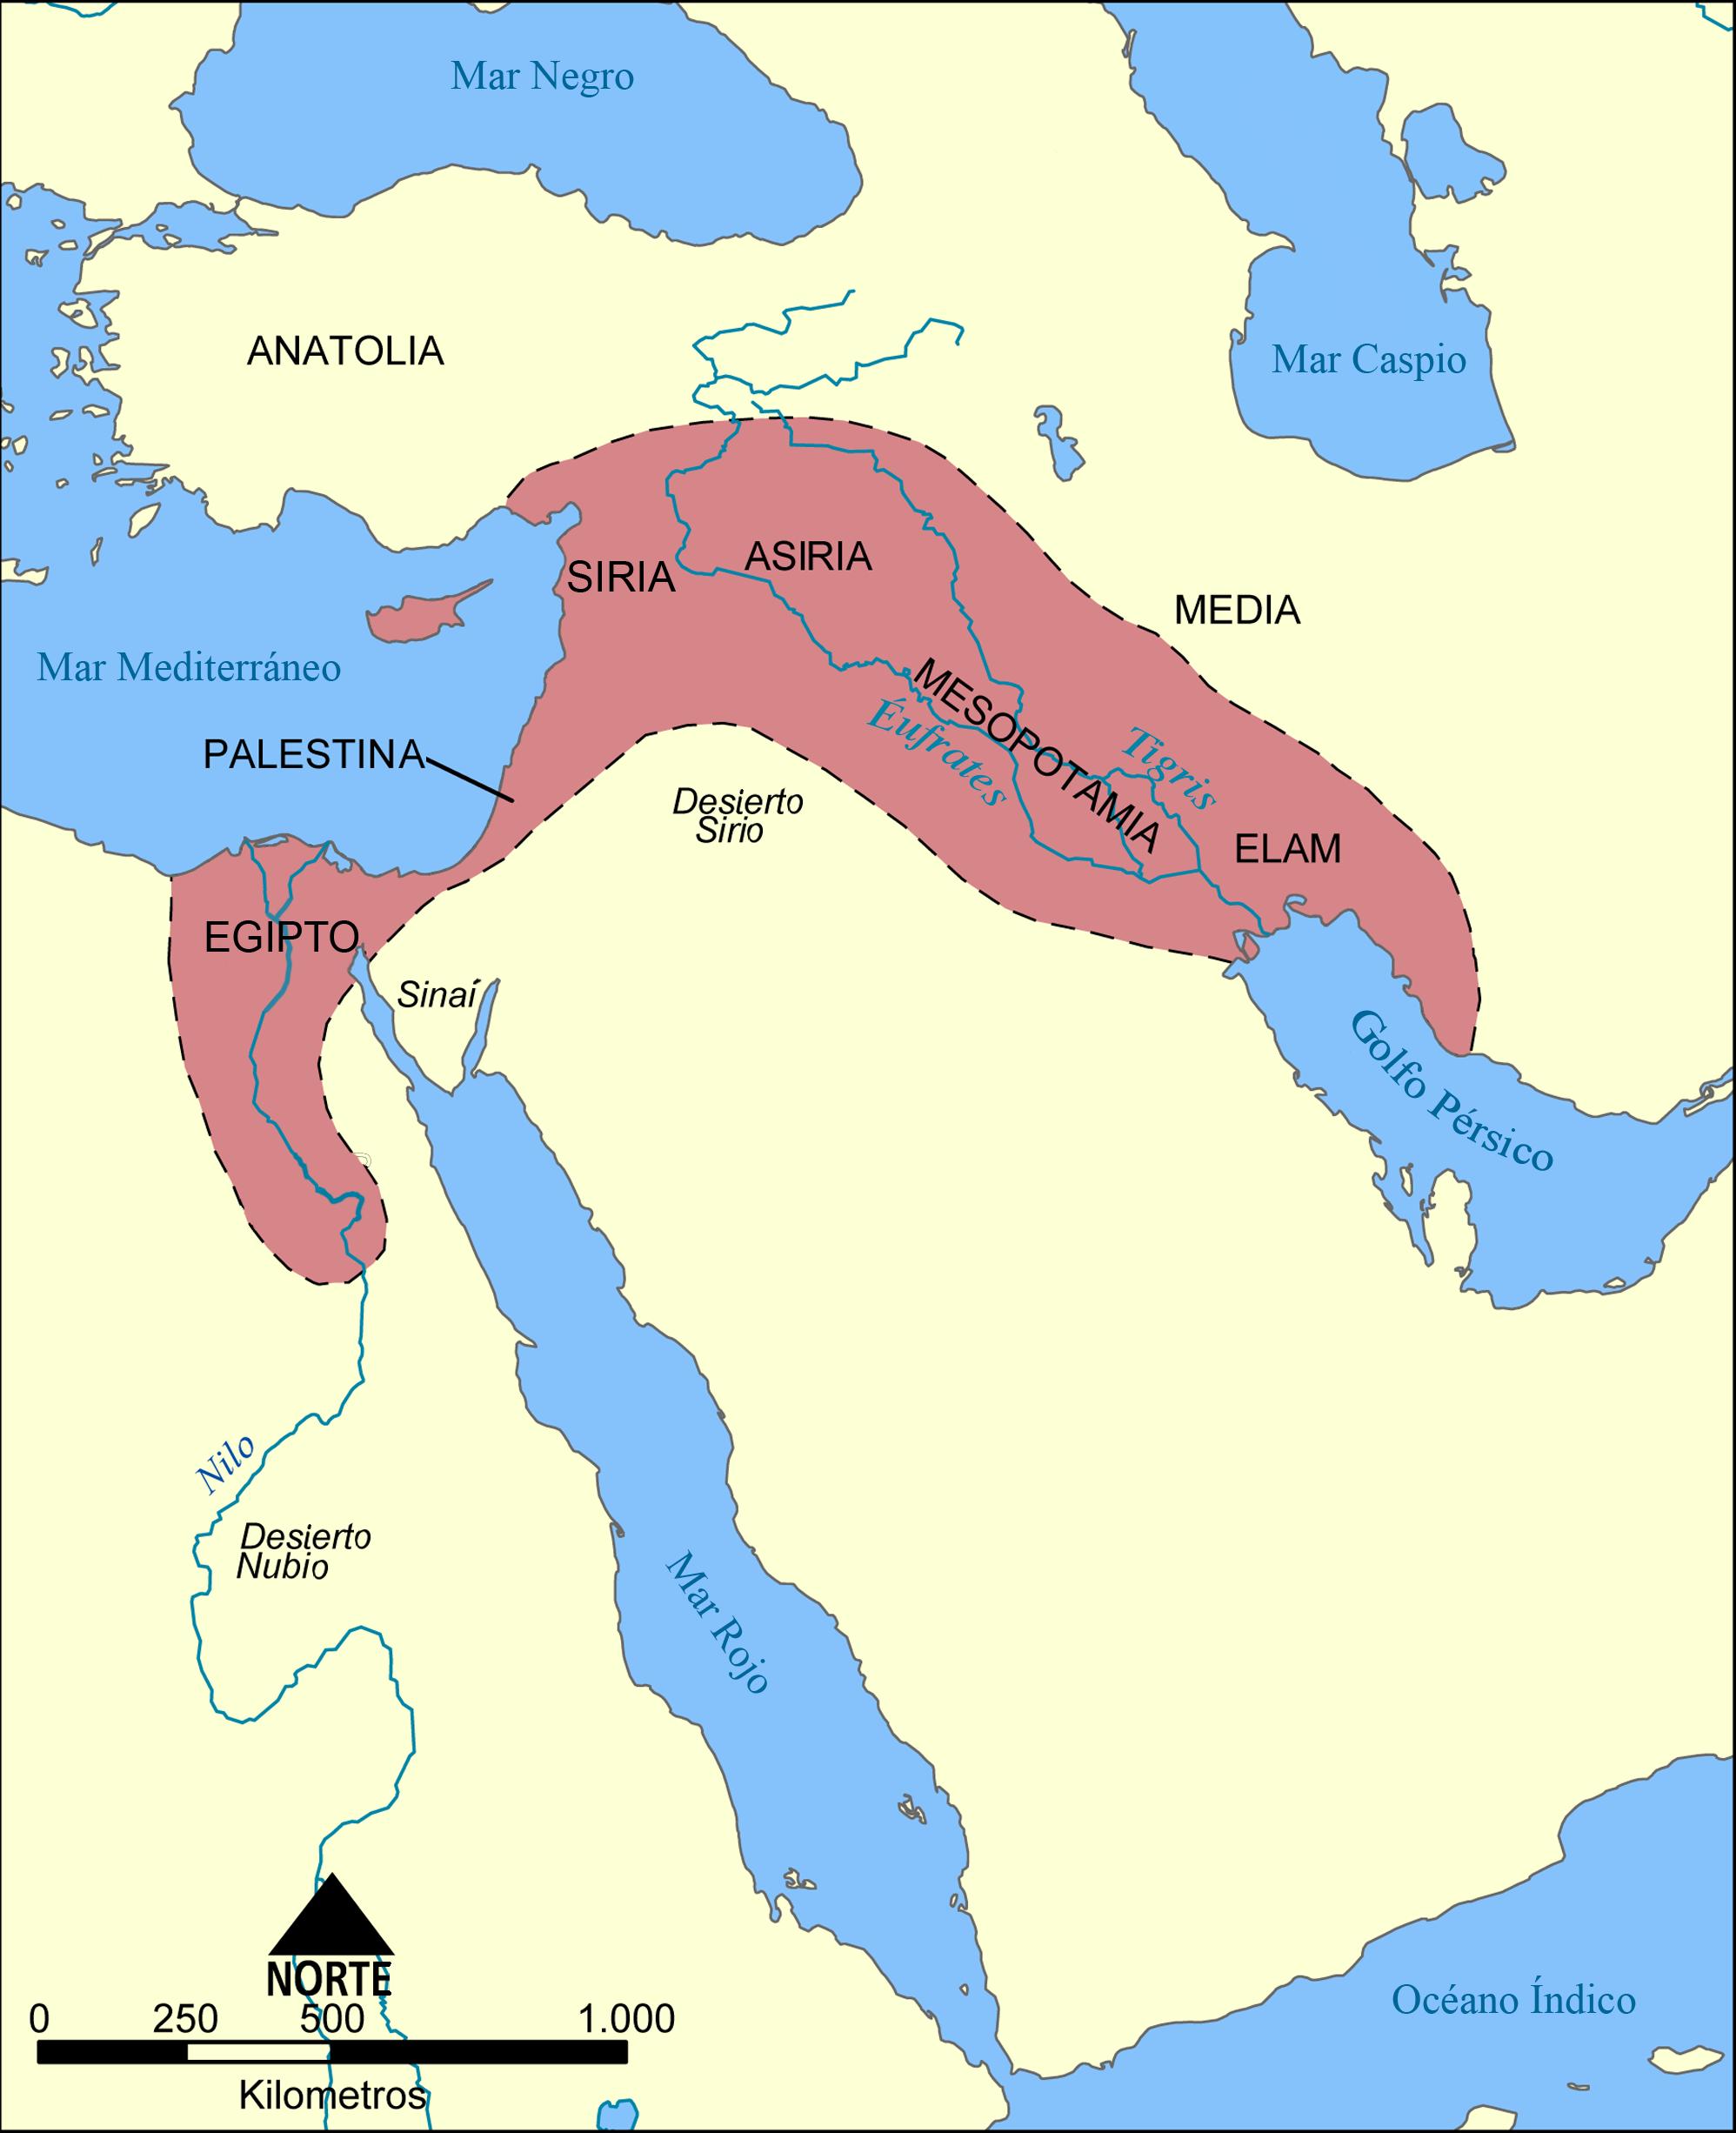 Mapa De Oriente Medio El Creciente Fertil.Archivo Mapa Del Creciente Fertil Png Wikipedia La